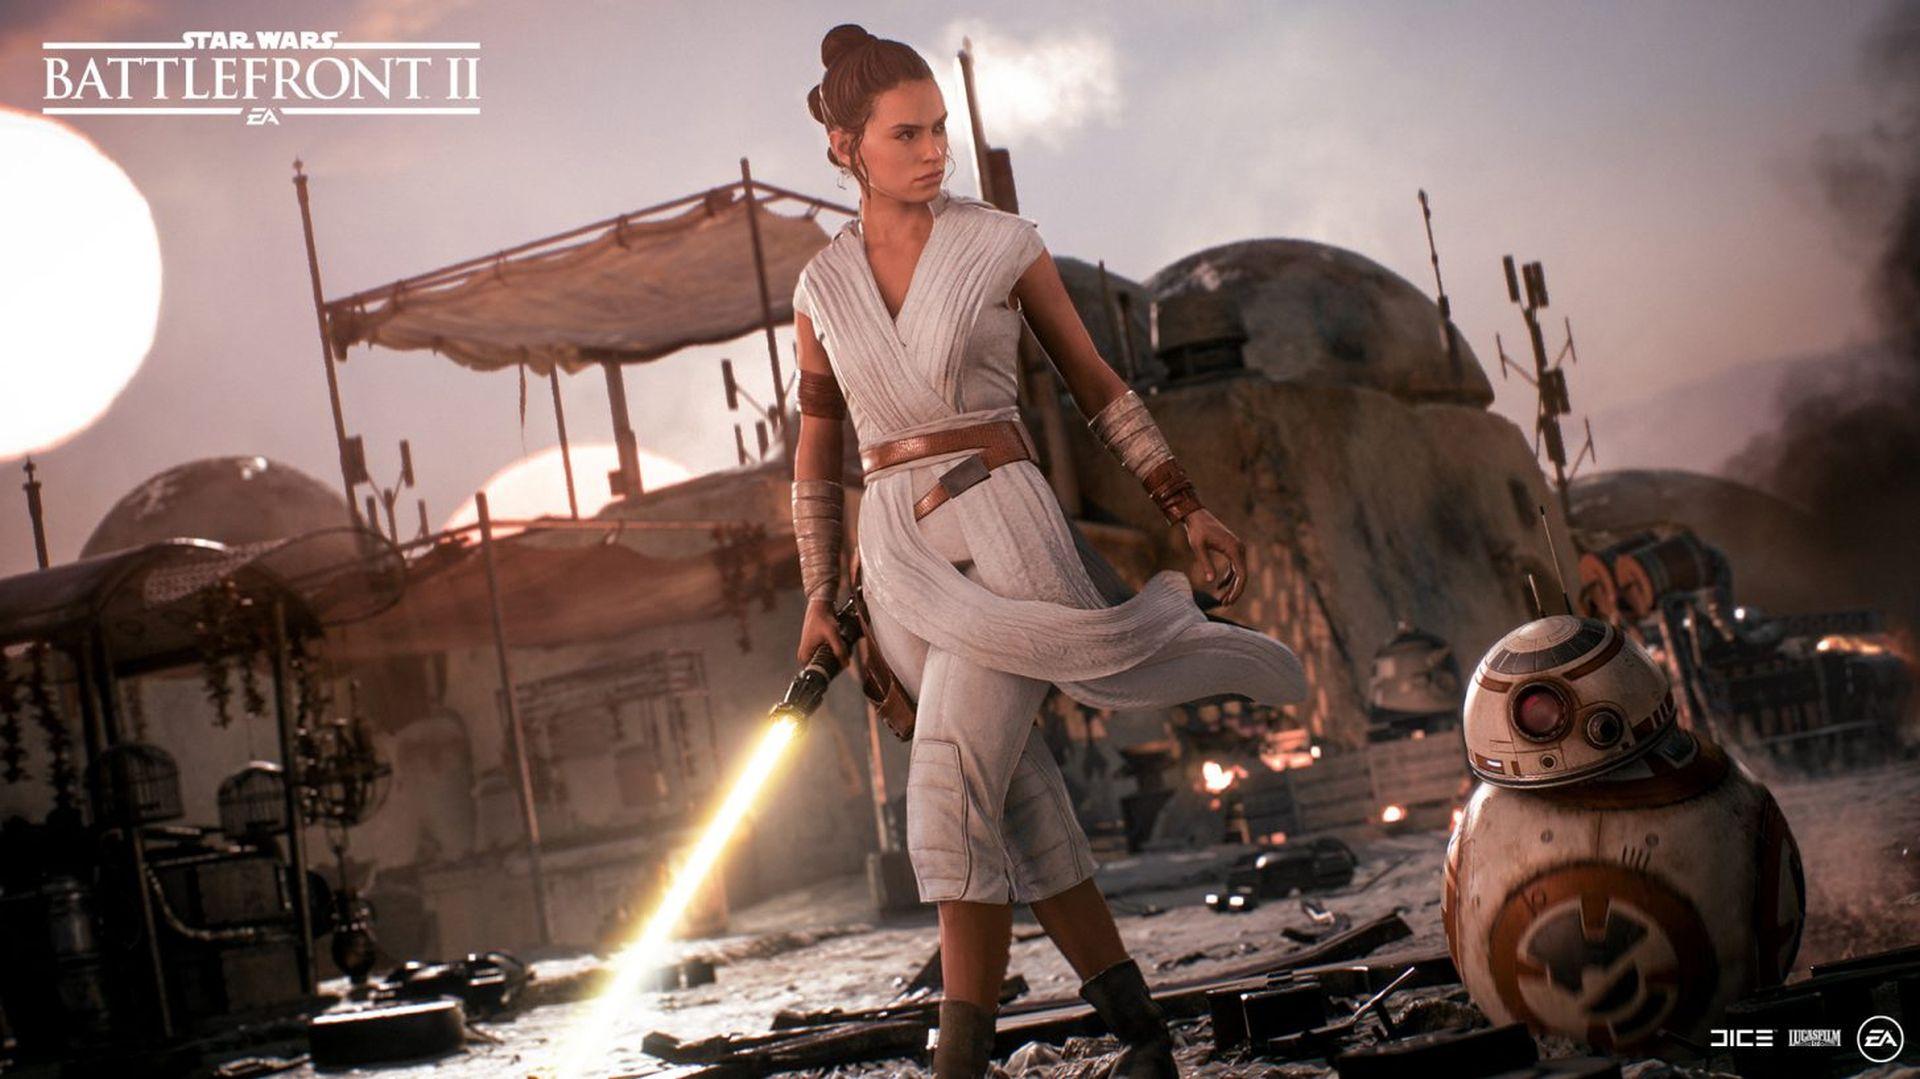 Star Wars Battlefront 2 reúne os personagens mais icônicos de todas as histórias da saga